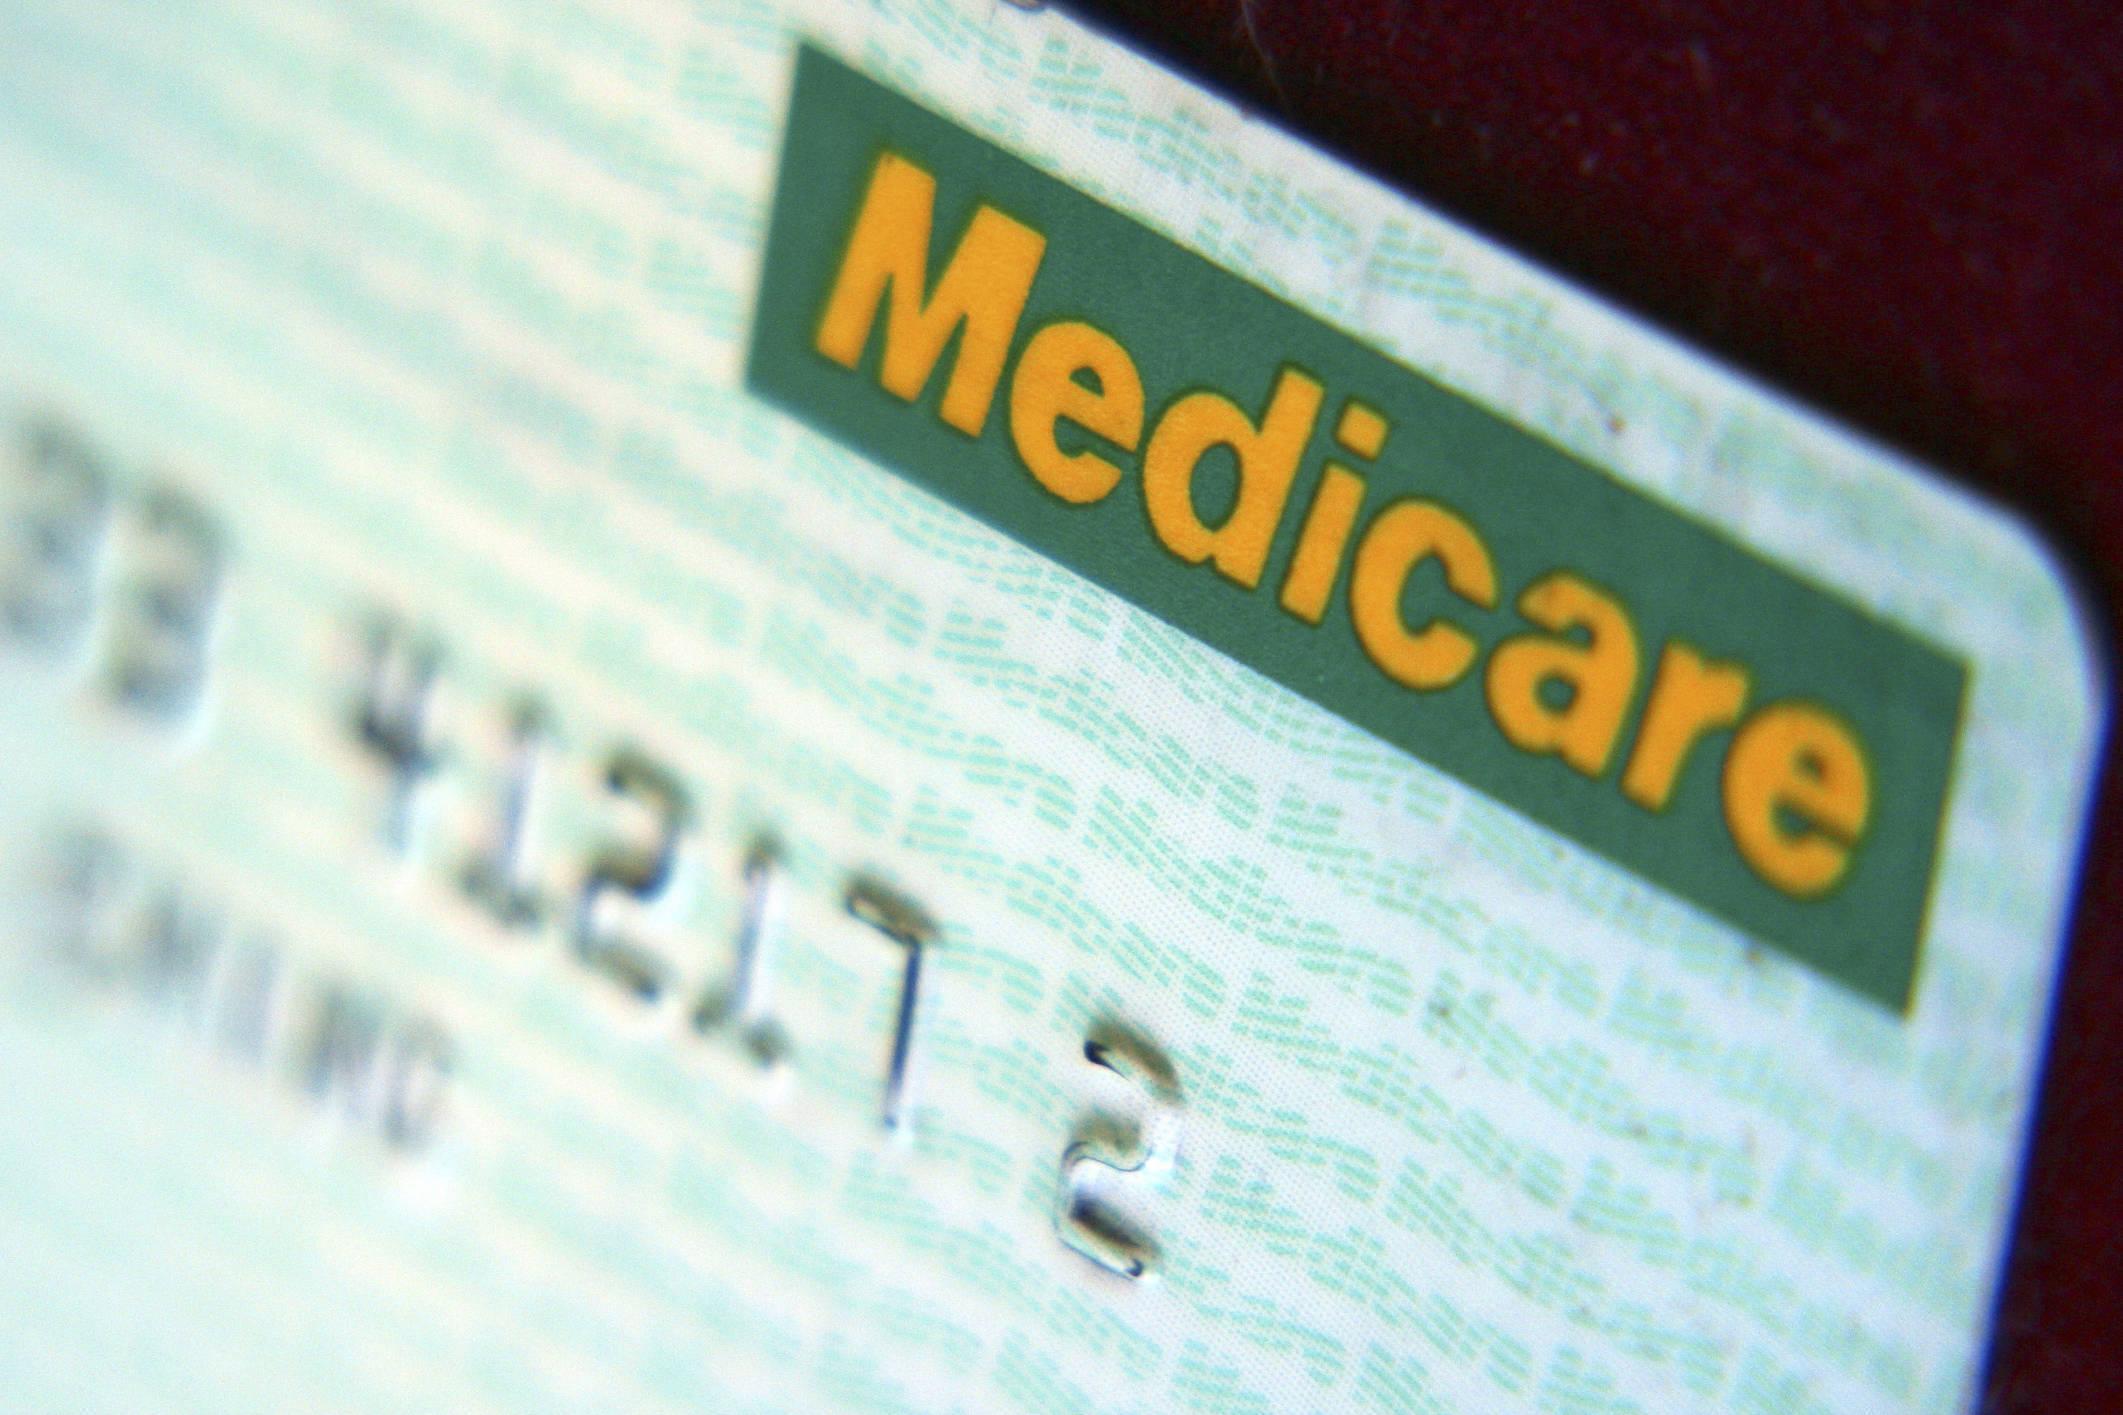 aaf46203ccba80f441d9_119f955e2e2b156d75ba_medicare_card.jpg